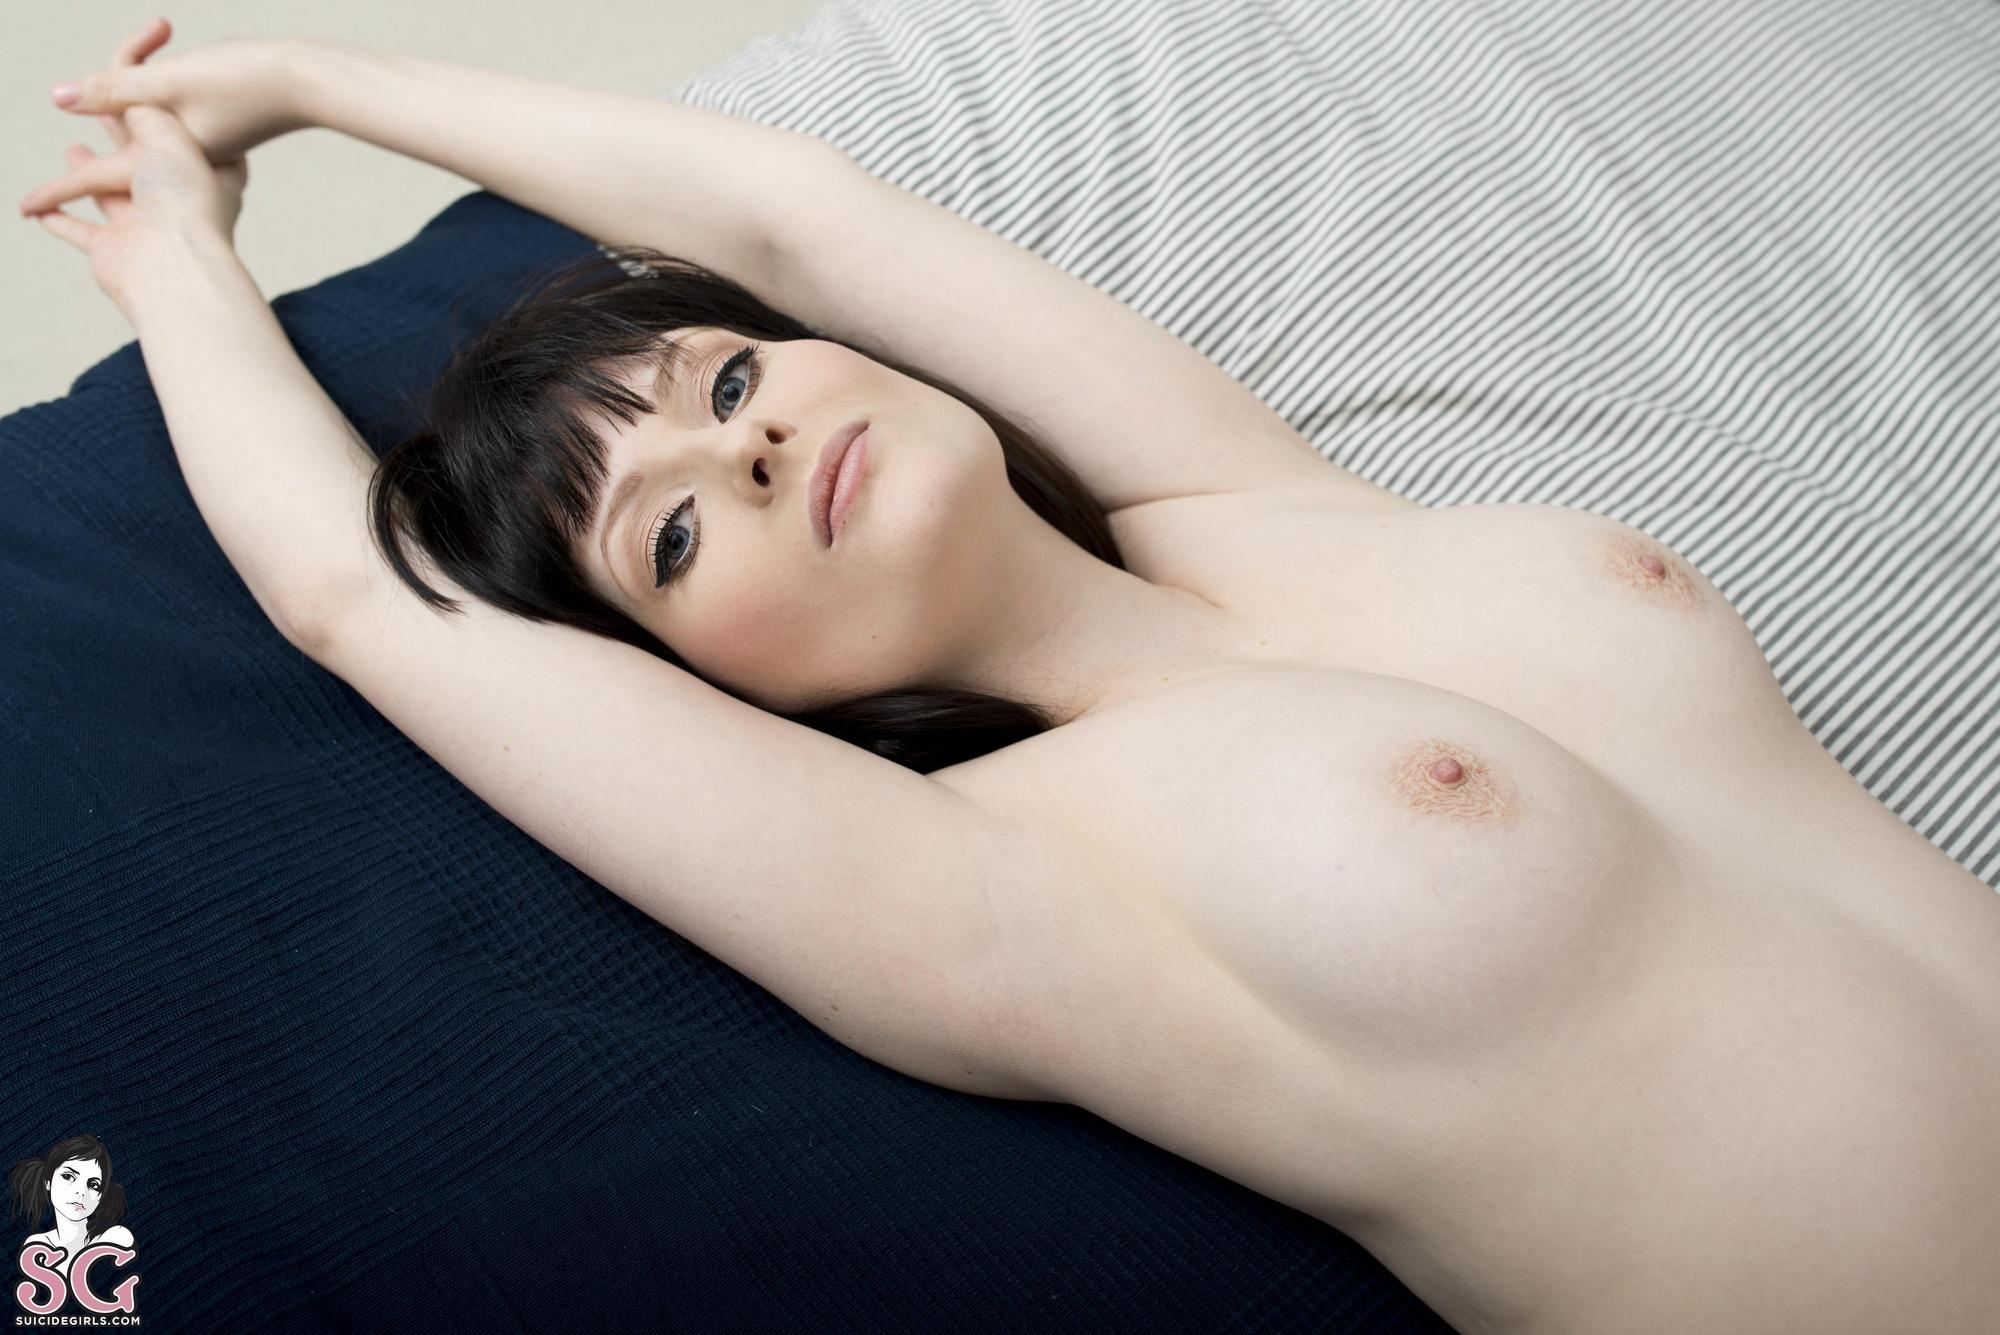 amateur voyeur virgin bedroom foreplay